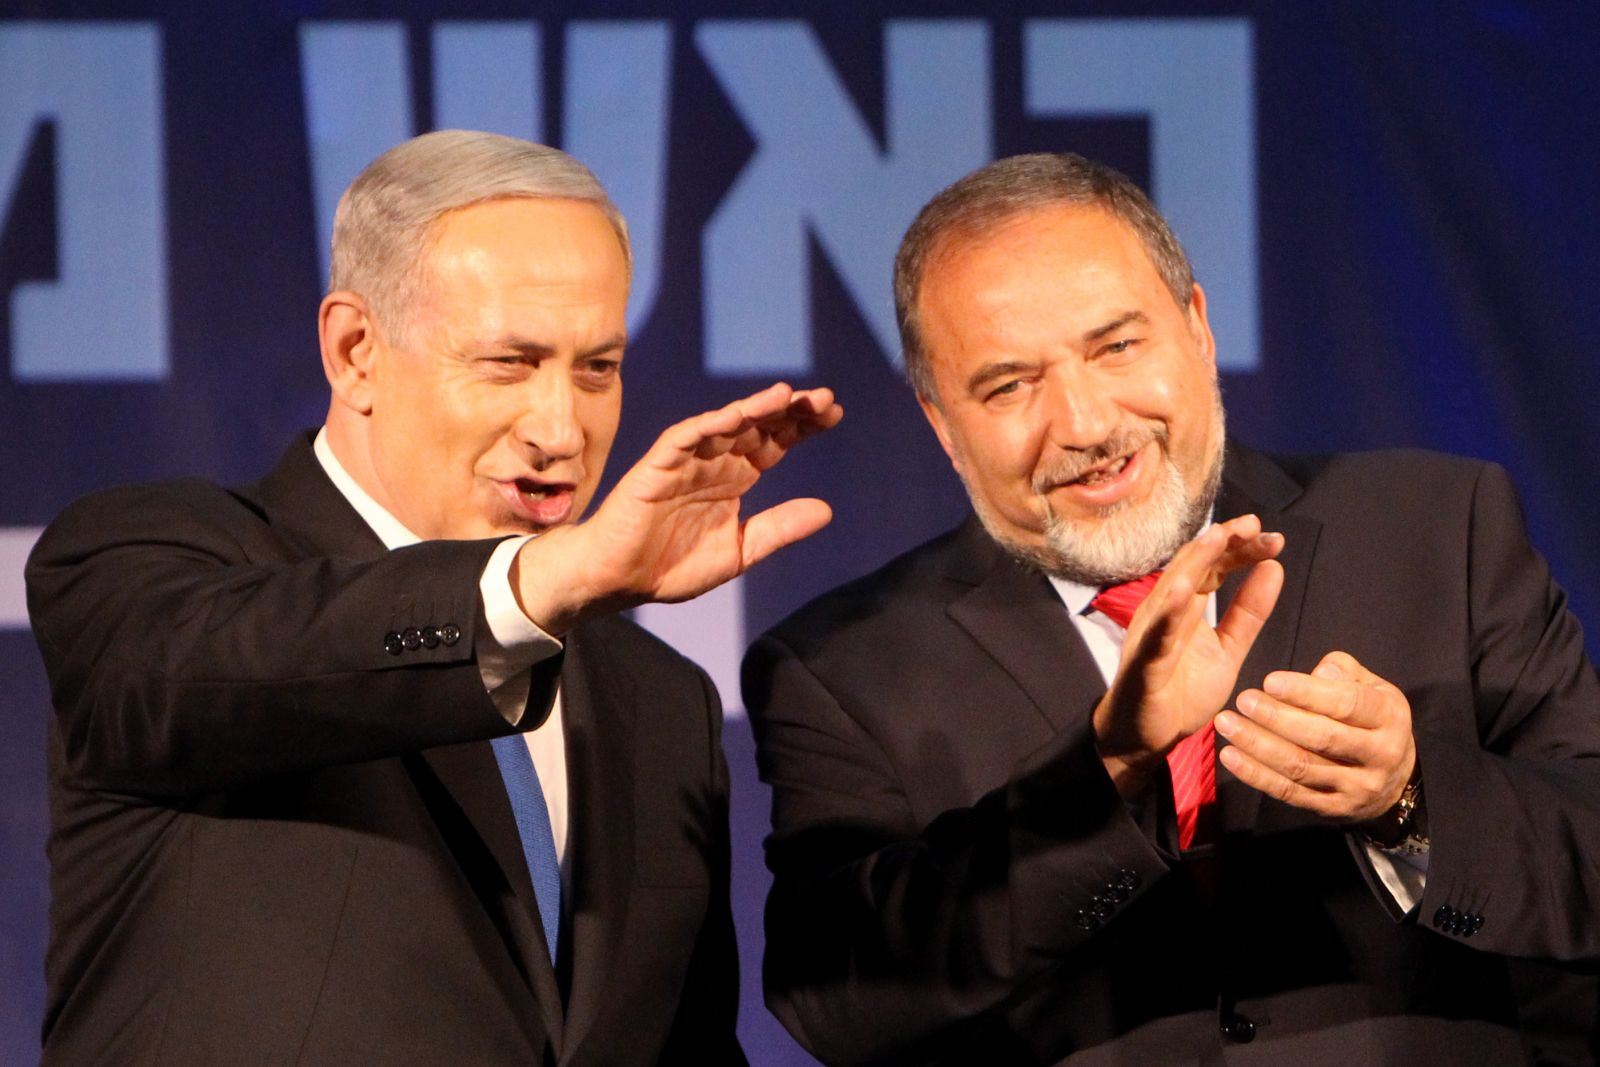 هل يكون ليبرمان وزيرًا لجيش الاحتلال؟!